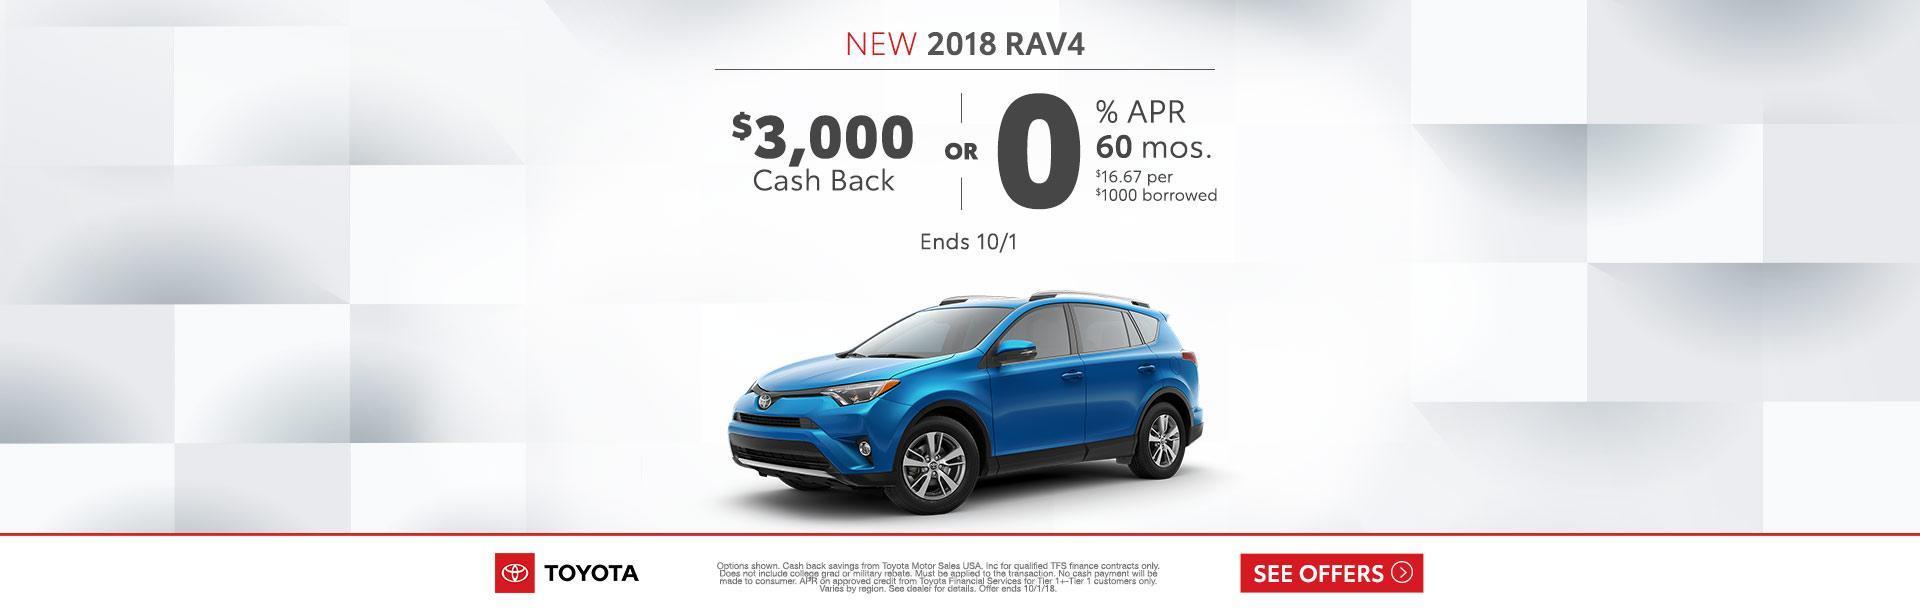 2018 Toyota RAV4 Cash Back